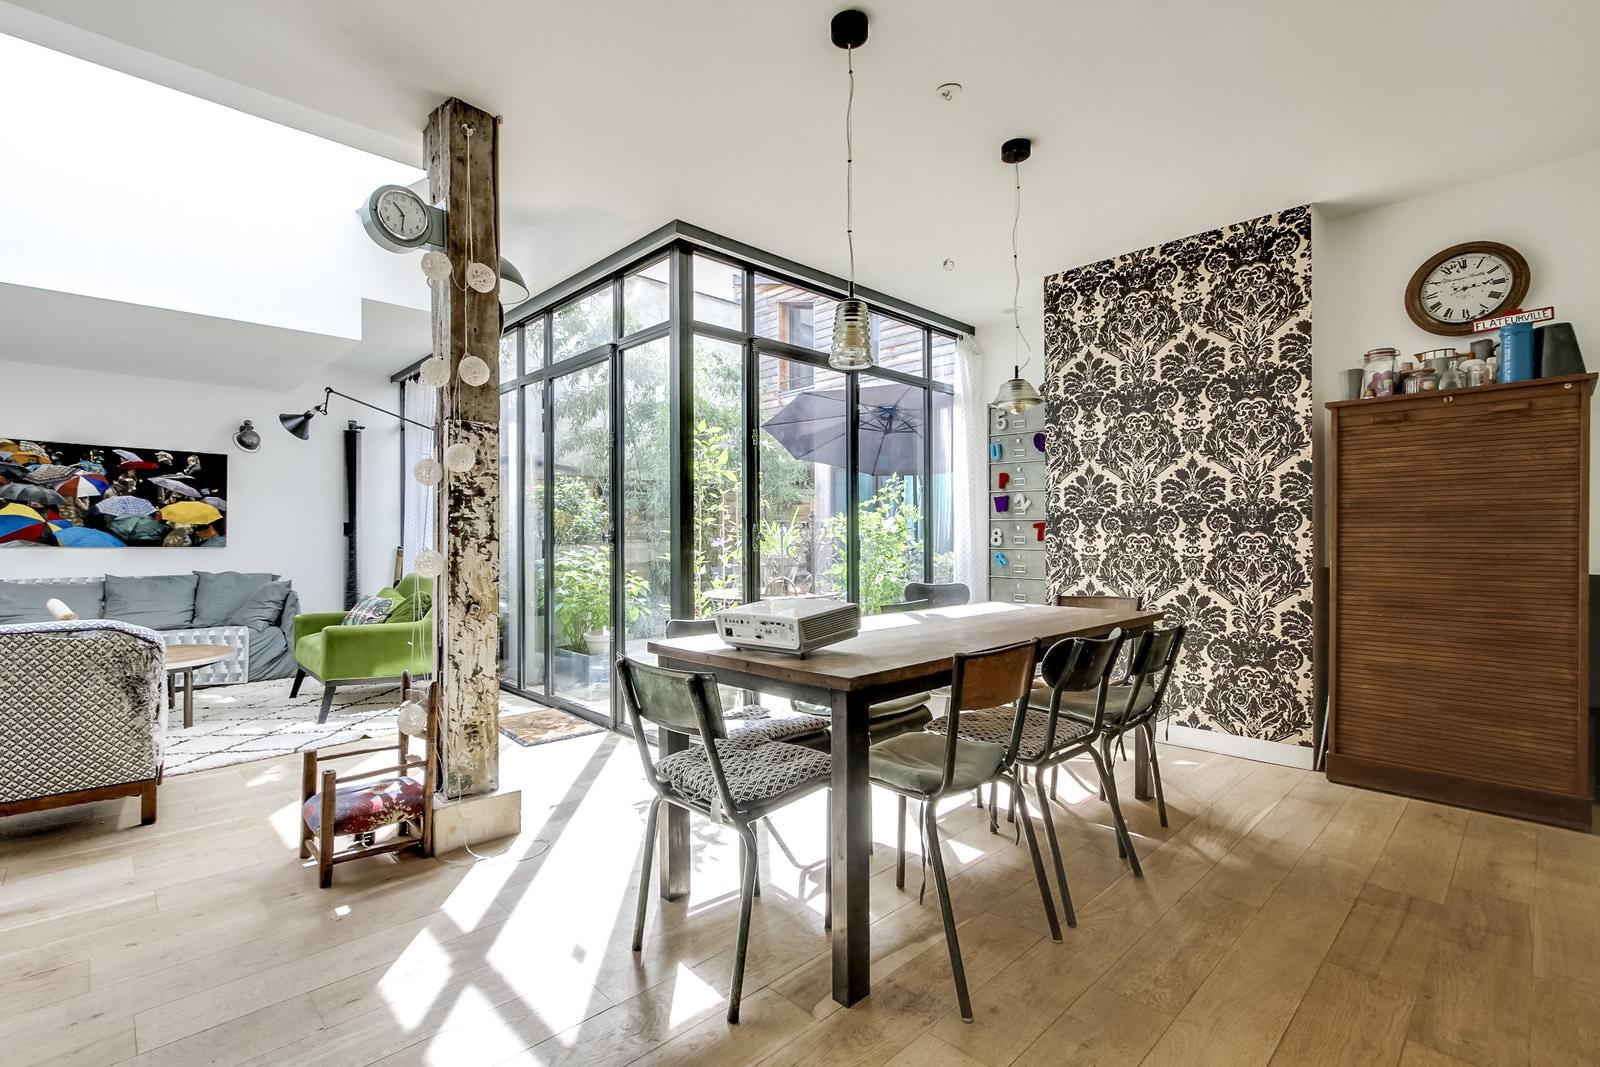 Loft lumineux vintage et moderne à la fois, plancher en bois avec une verrière qui donne sur la terrasse